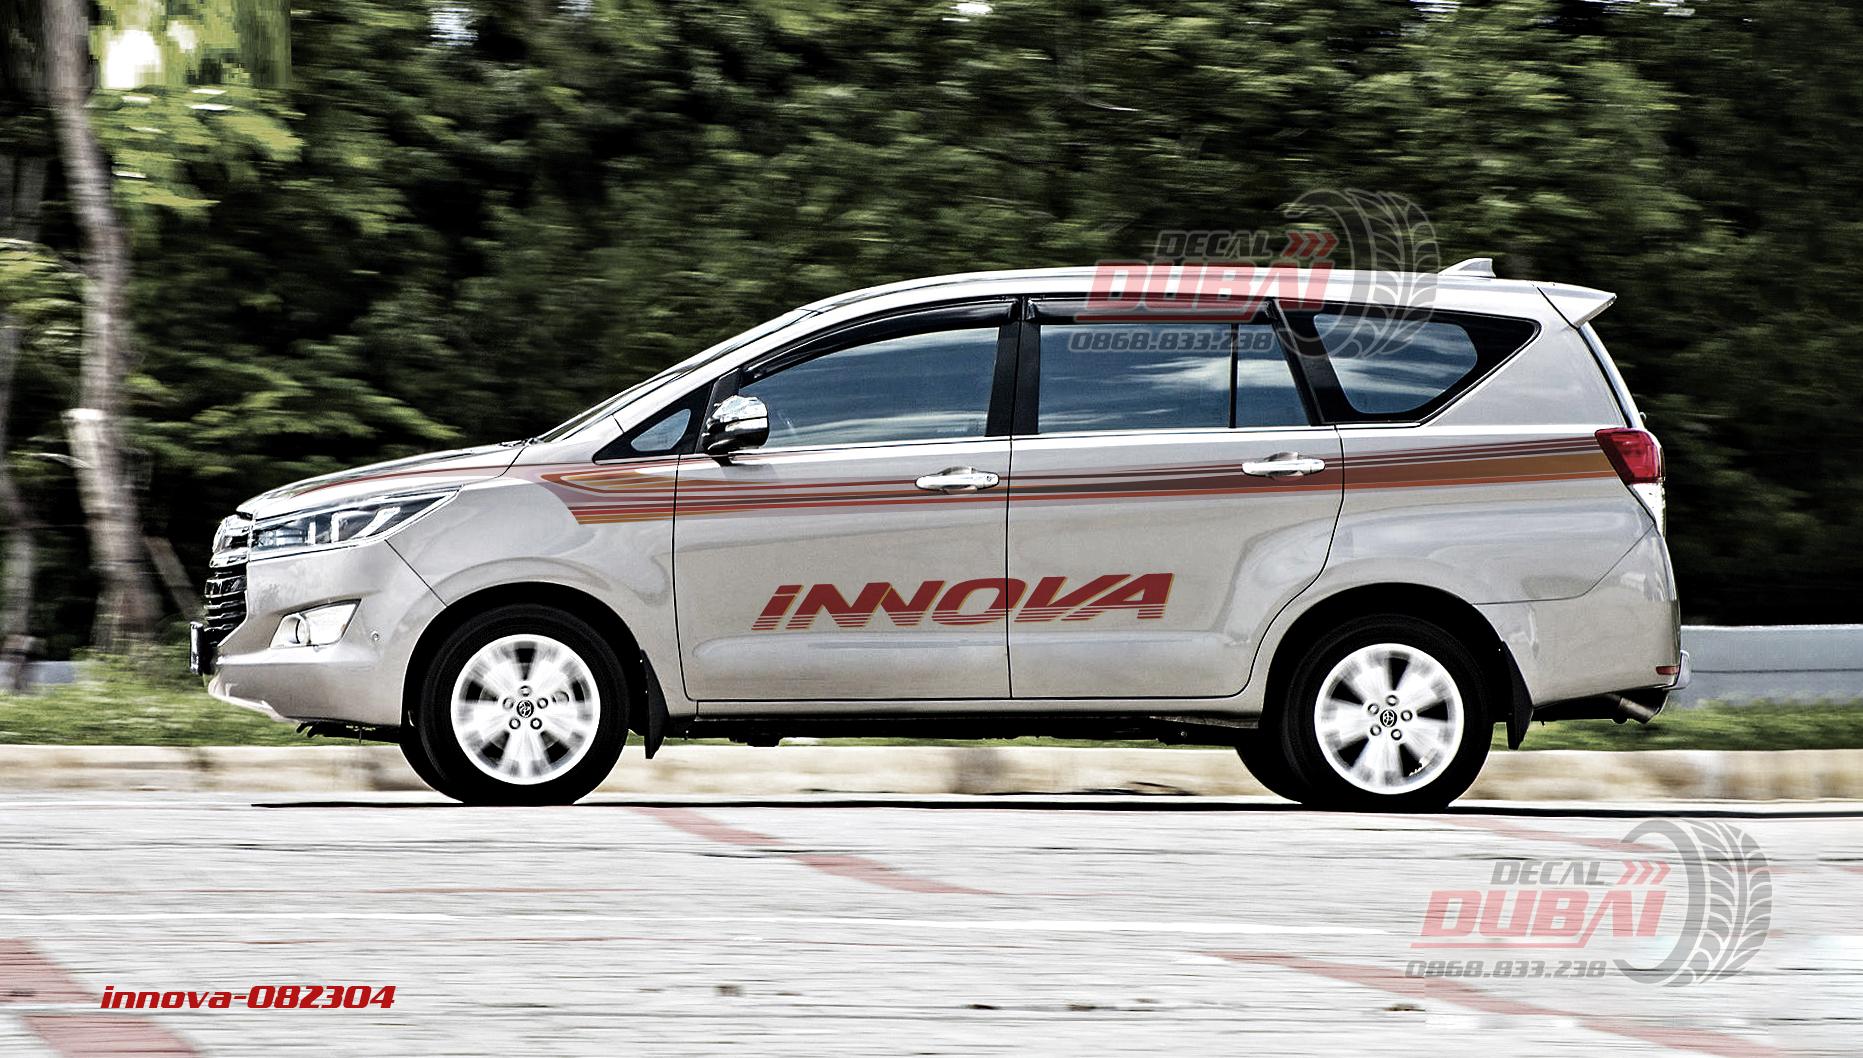 Tem-Xe-Innova-082304-950k